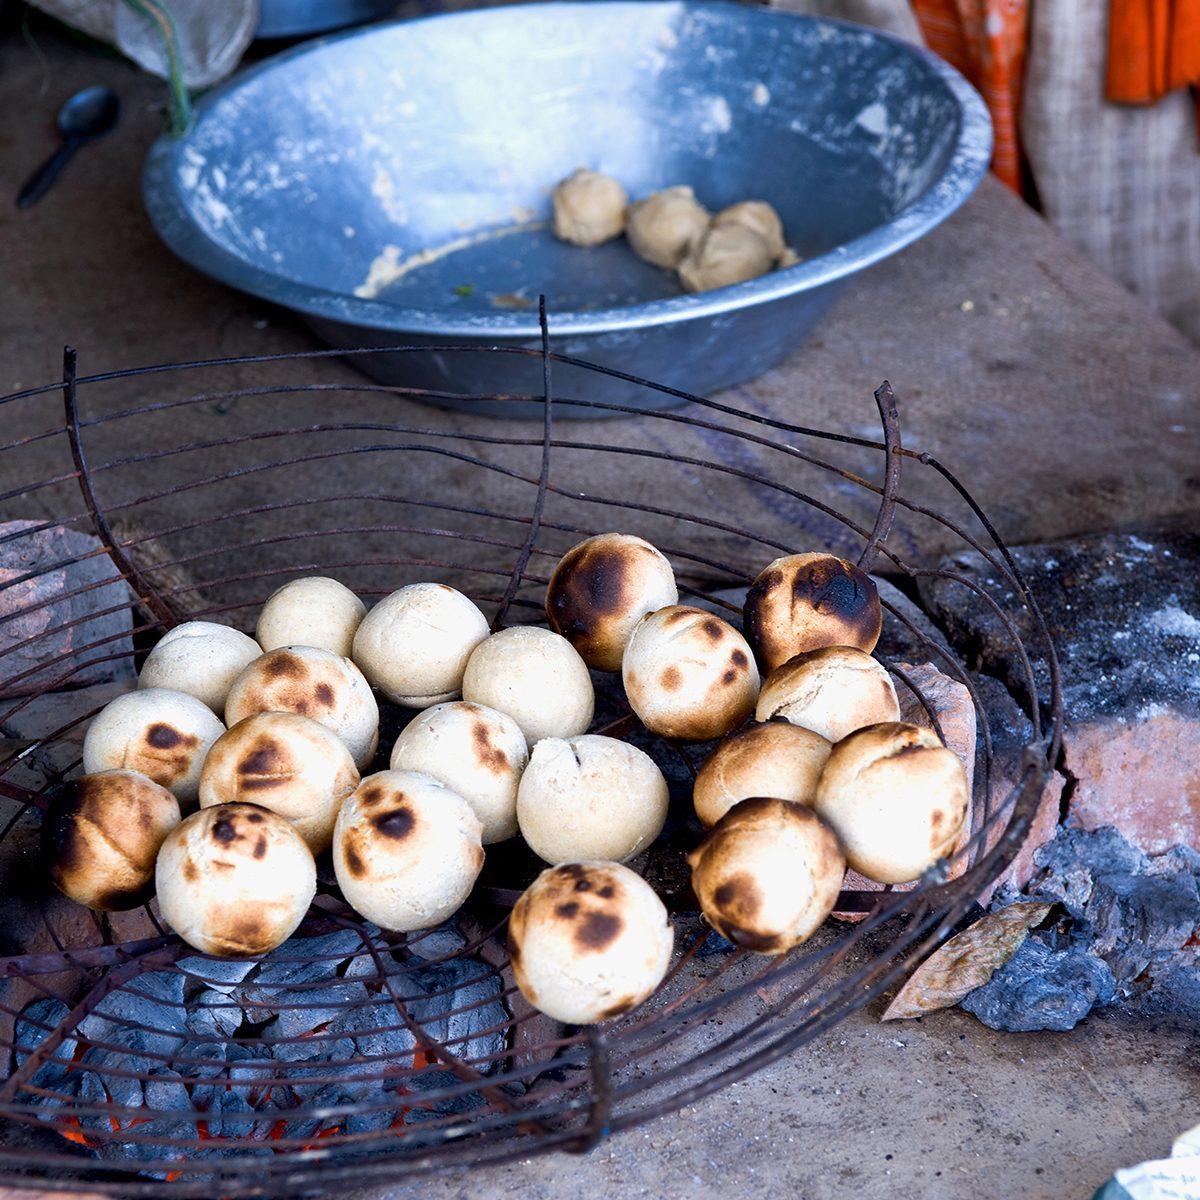 indian main dishes Litti Bihari Food Backed In Coal Fire, India